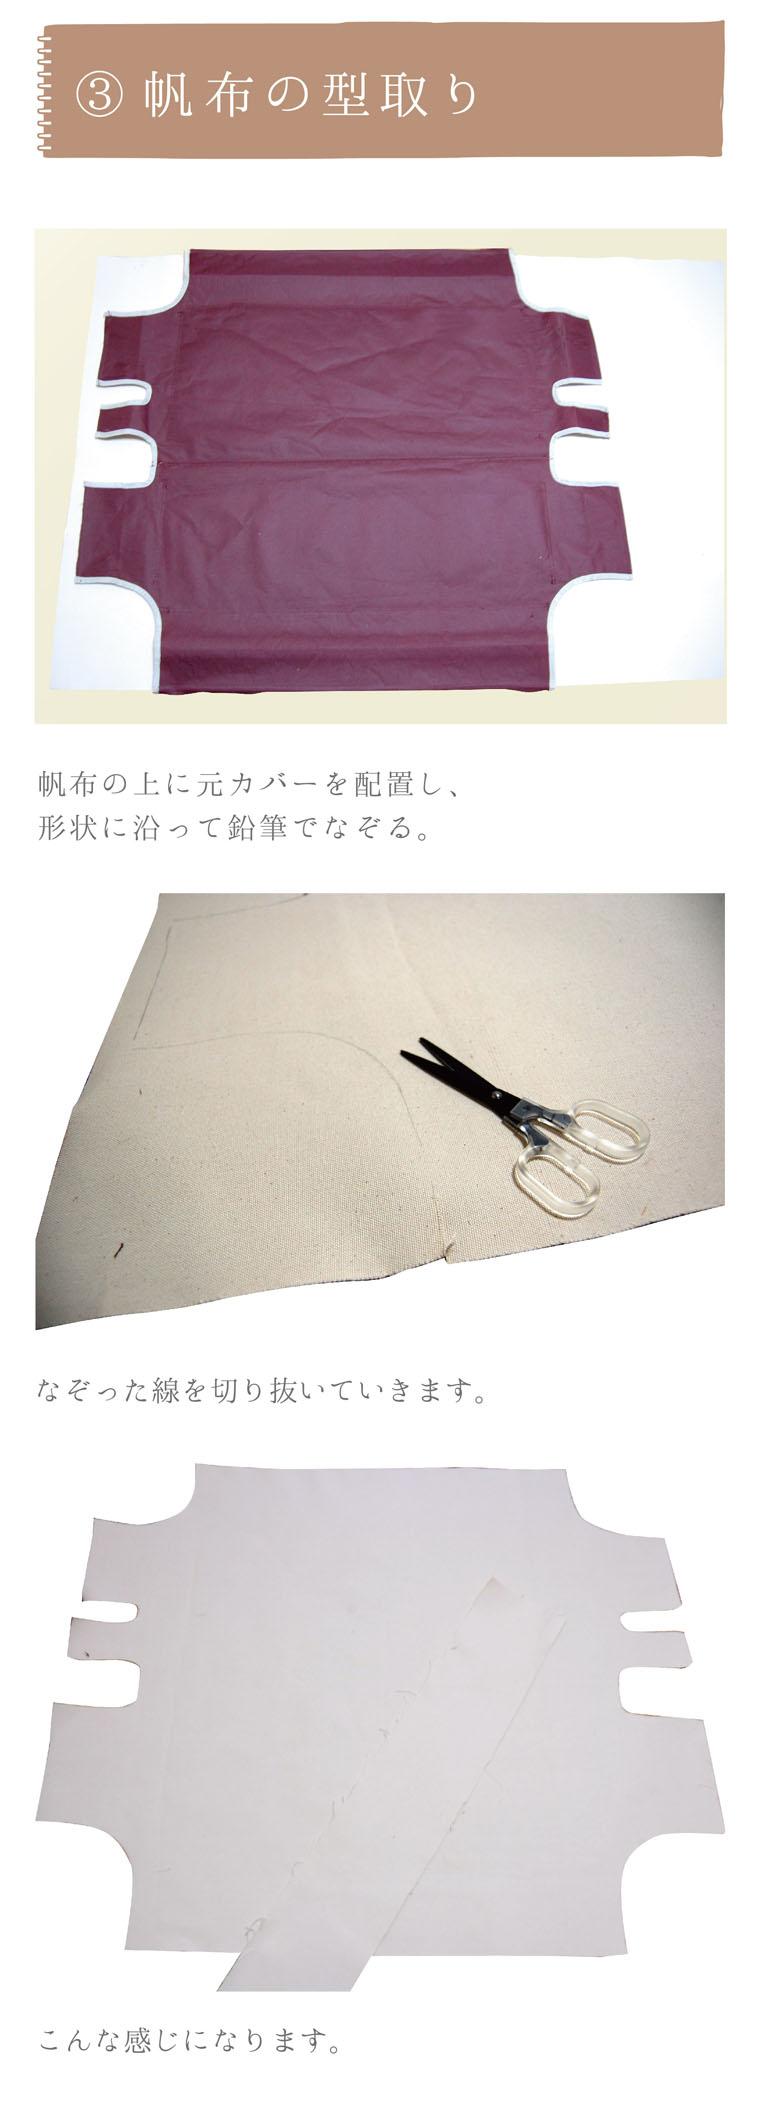 shikachair06